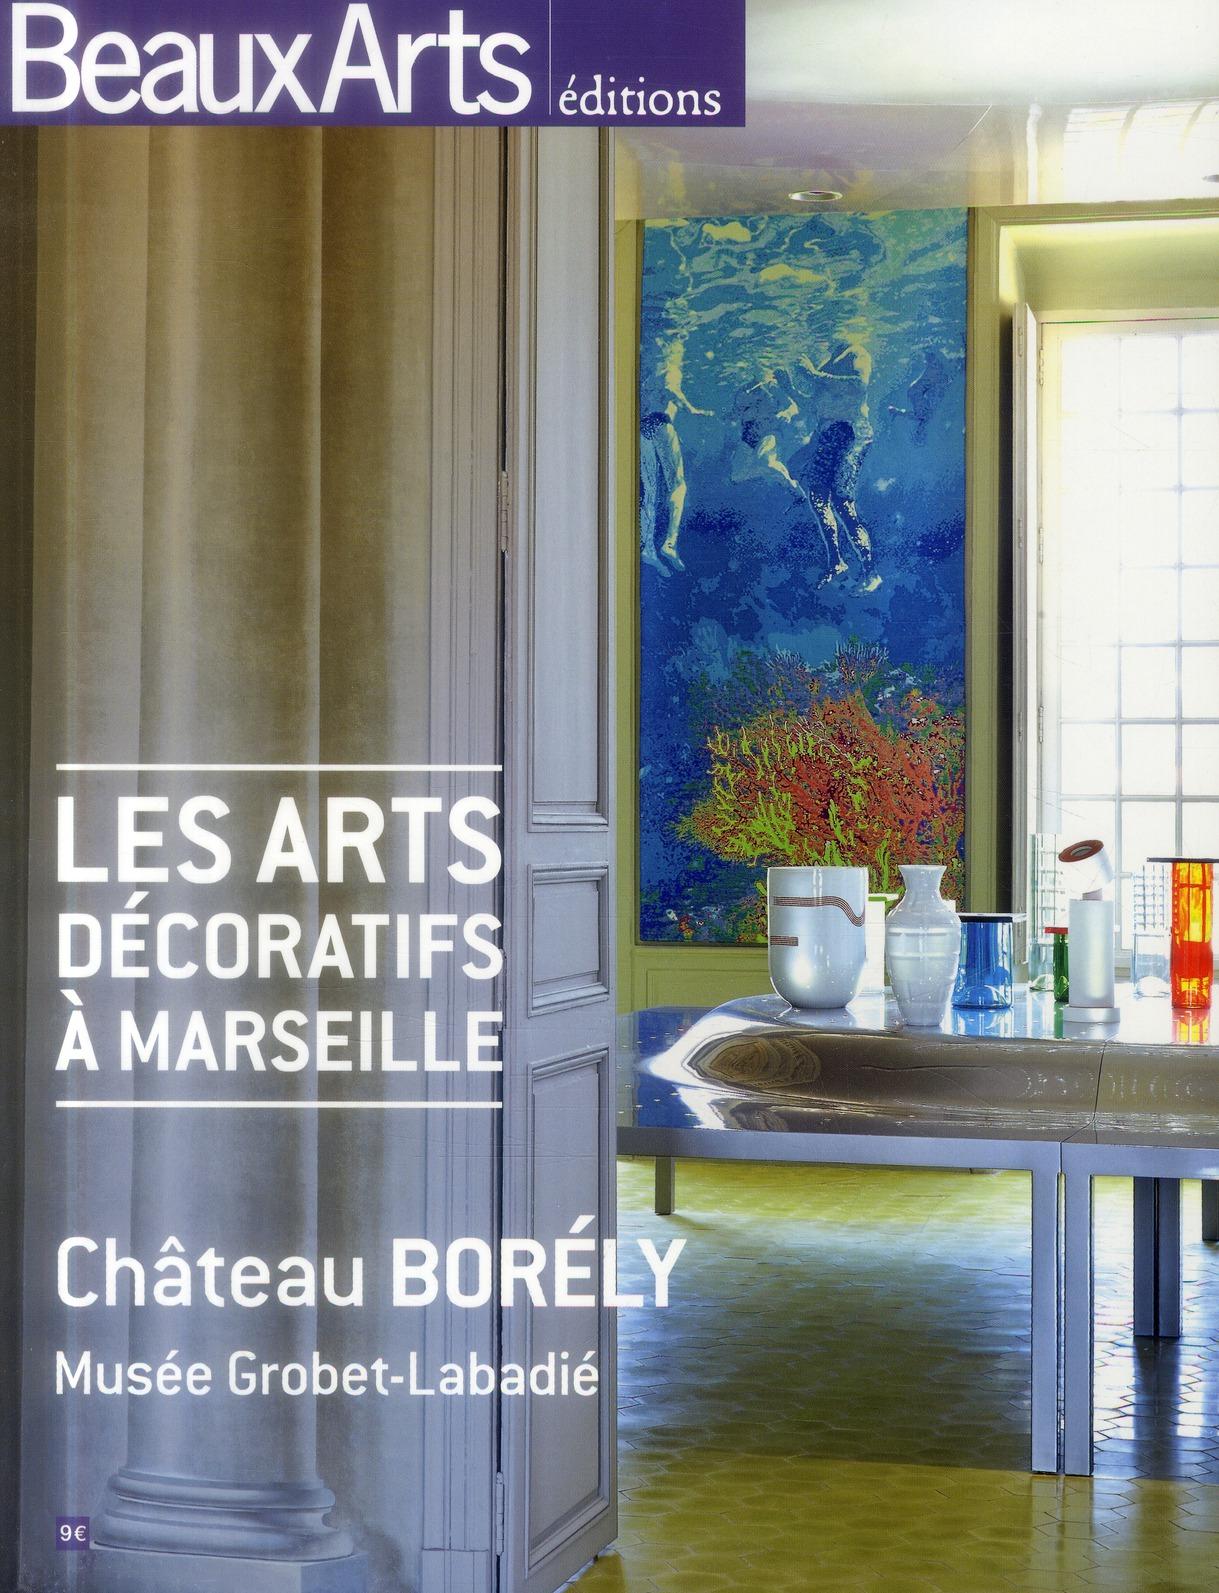 LES ARTS DECORATIFS A MARSEILLE - CHATEAU BORELY ET MUSEE GROBET-LABADIE